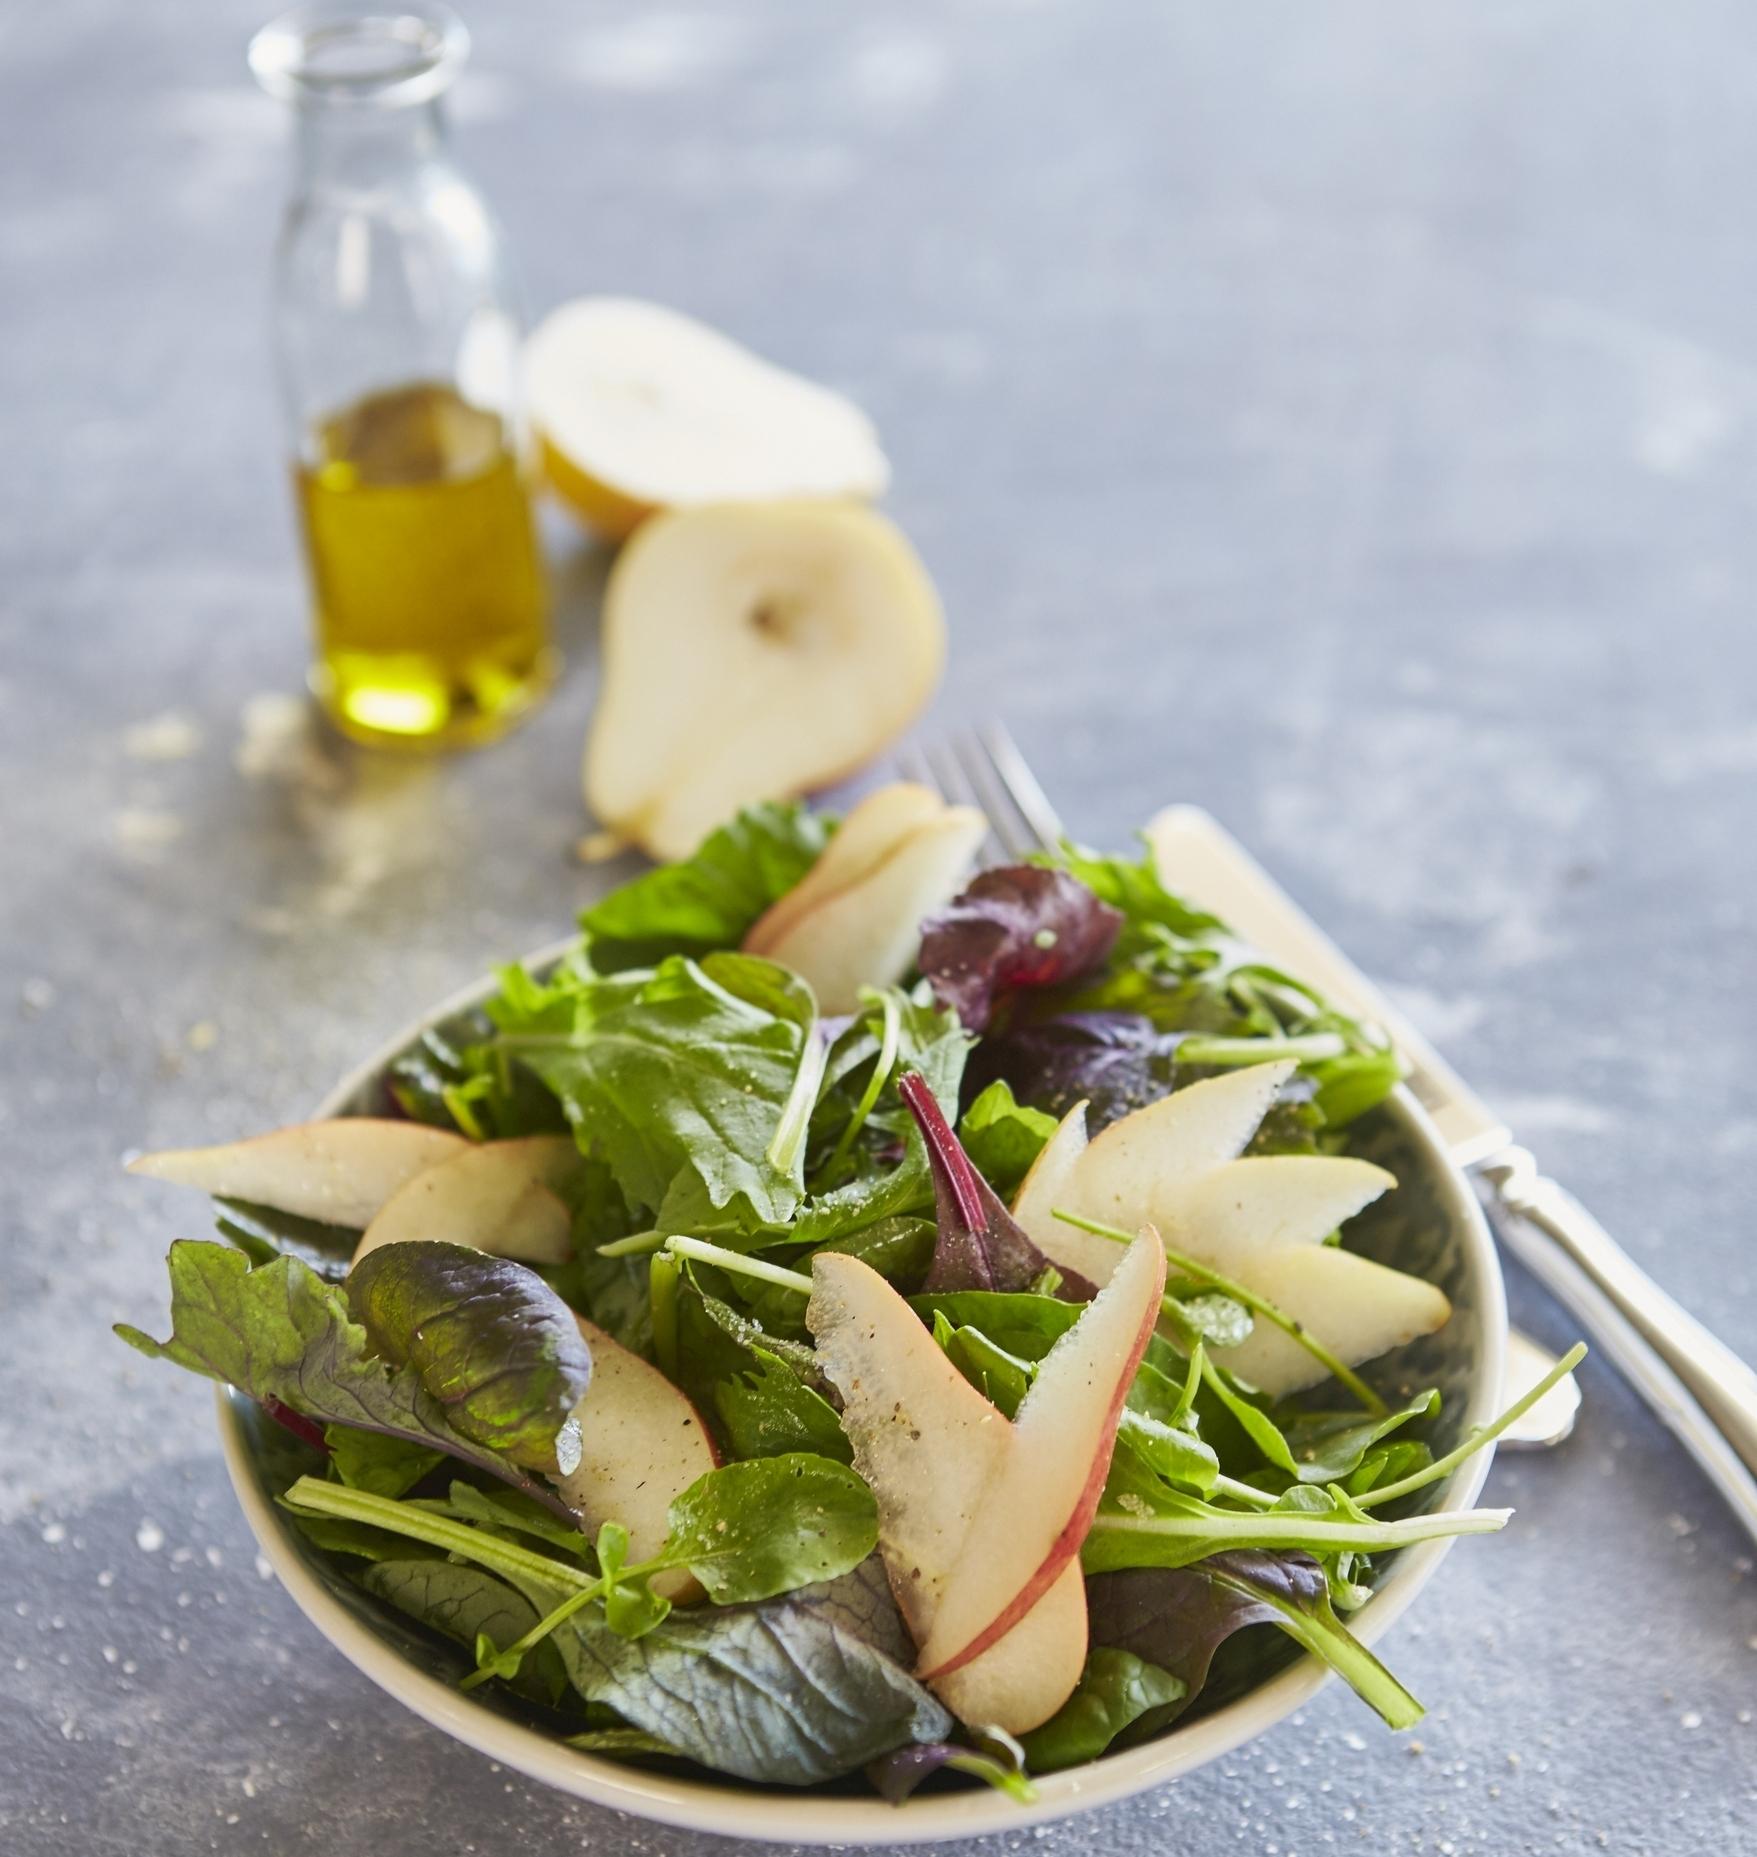 Prima fürs Klima und für die Figur: Mit Salaten aus heimischem Anbau gesund ins neue Jahr starten